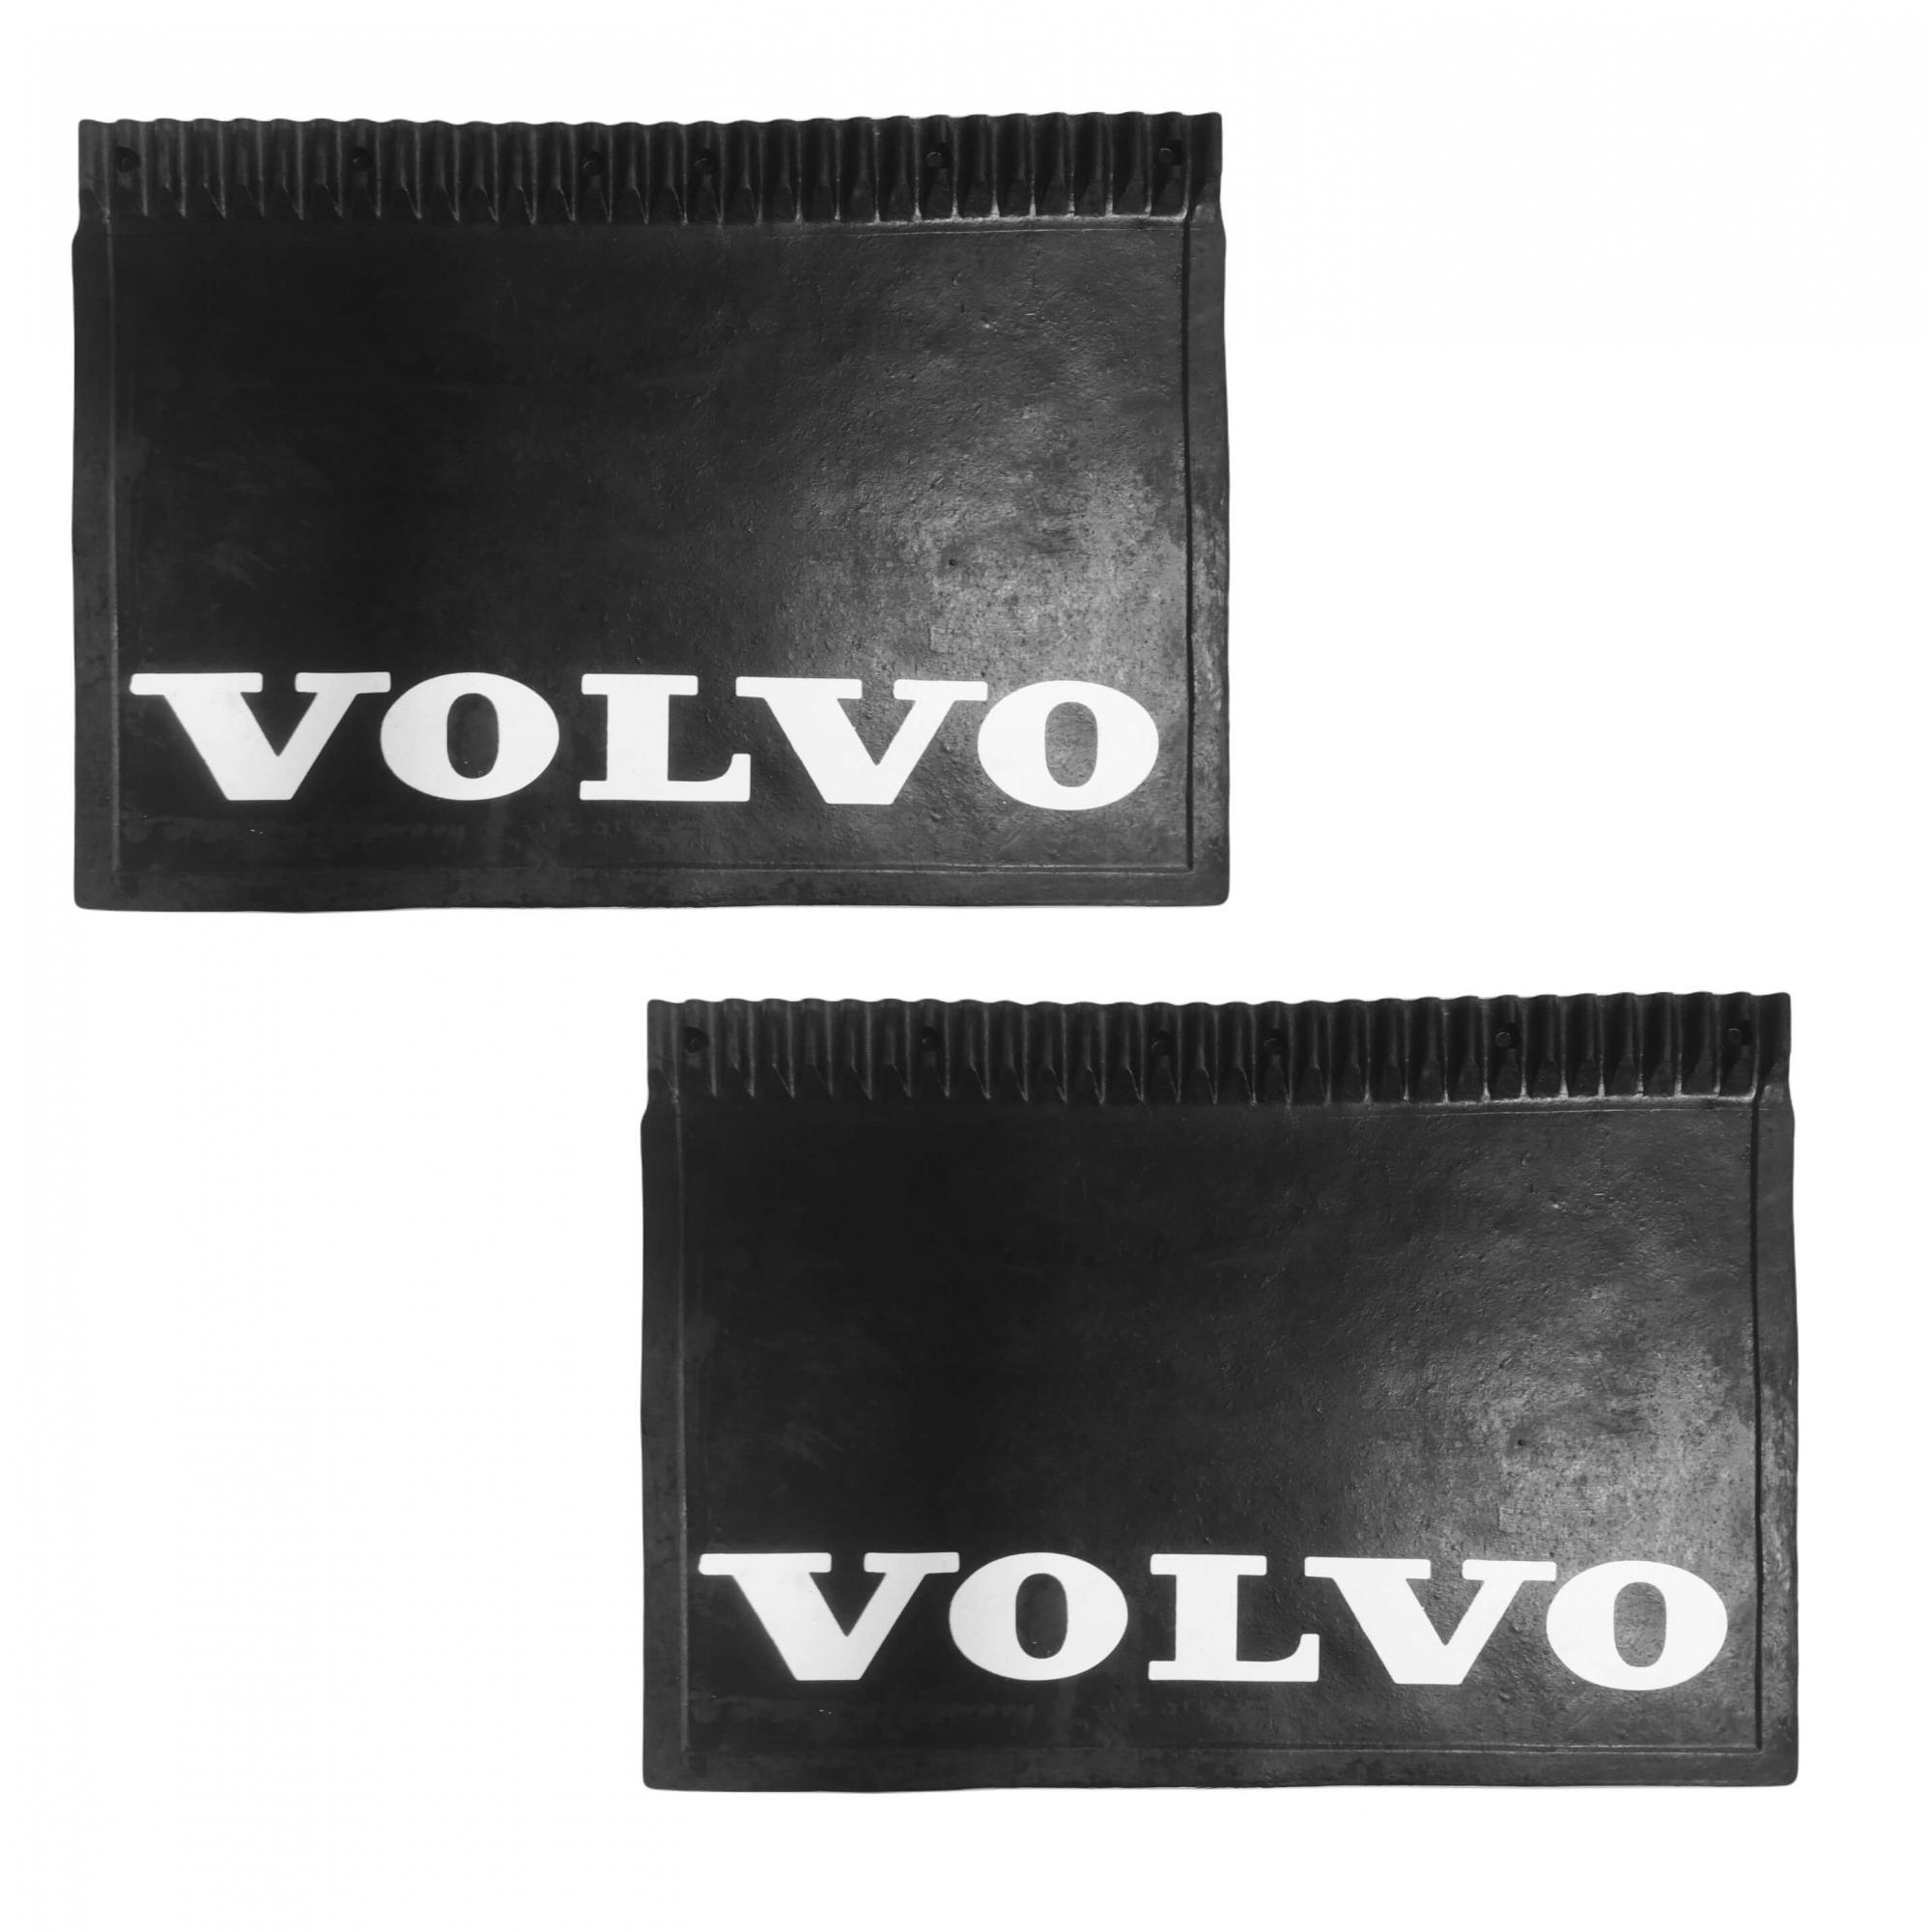 2 Parabarro Volvo Fh Nh Traseiro 65 X 45 Cm Lameiro